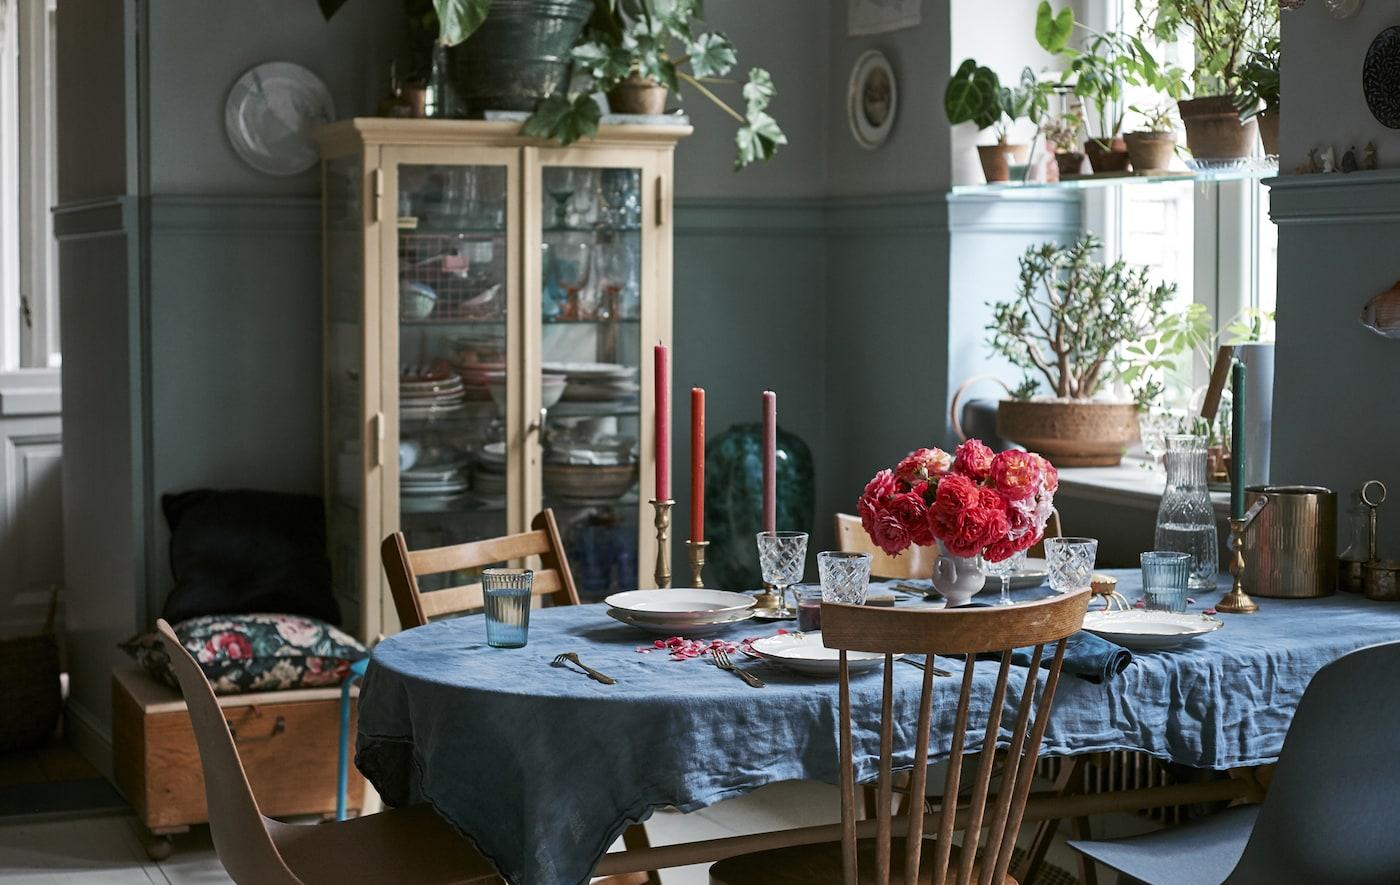 Blagovaonica s priborom za jelo, posuđem, stolicama i ukrasnim jastucima.